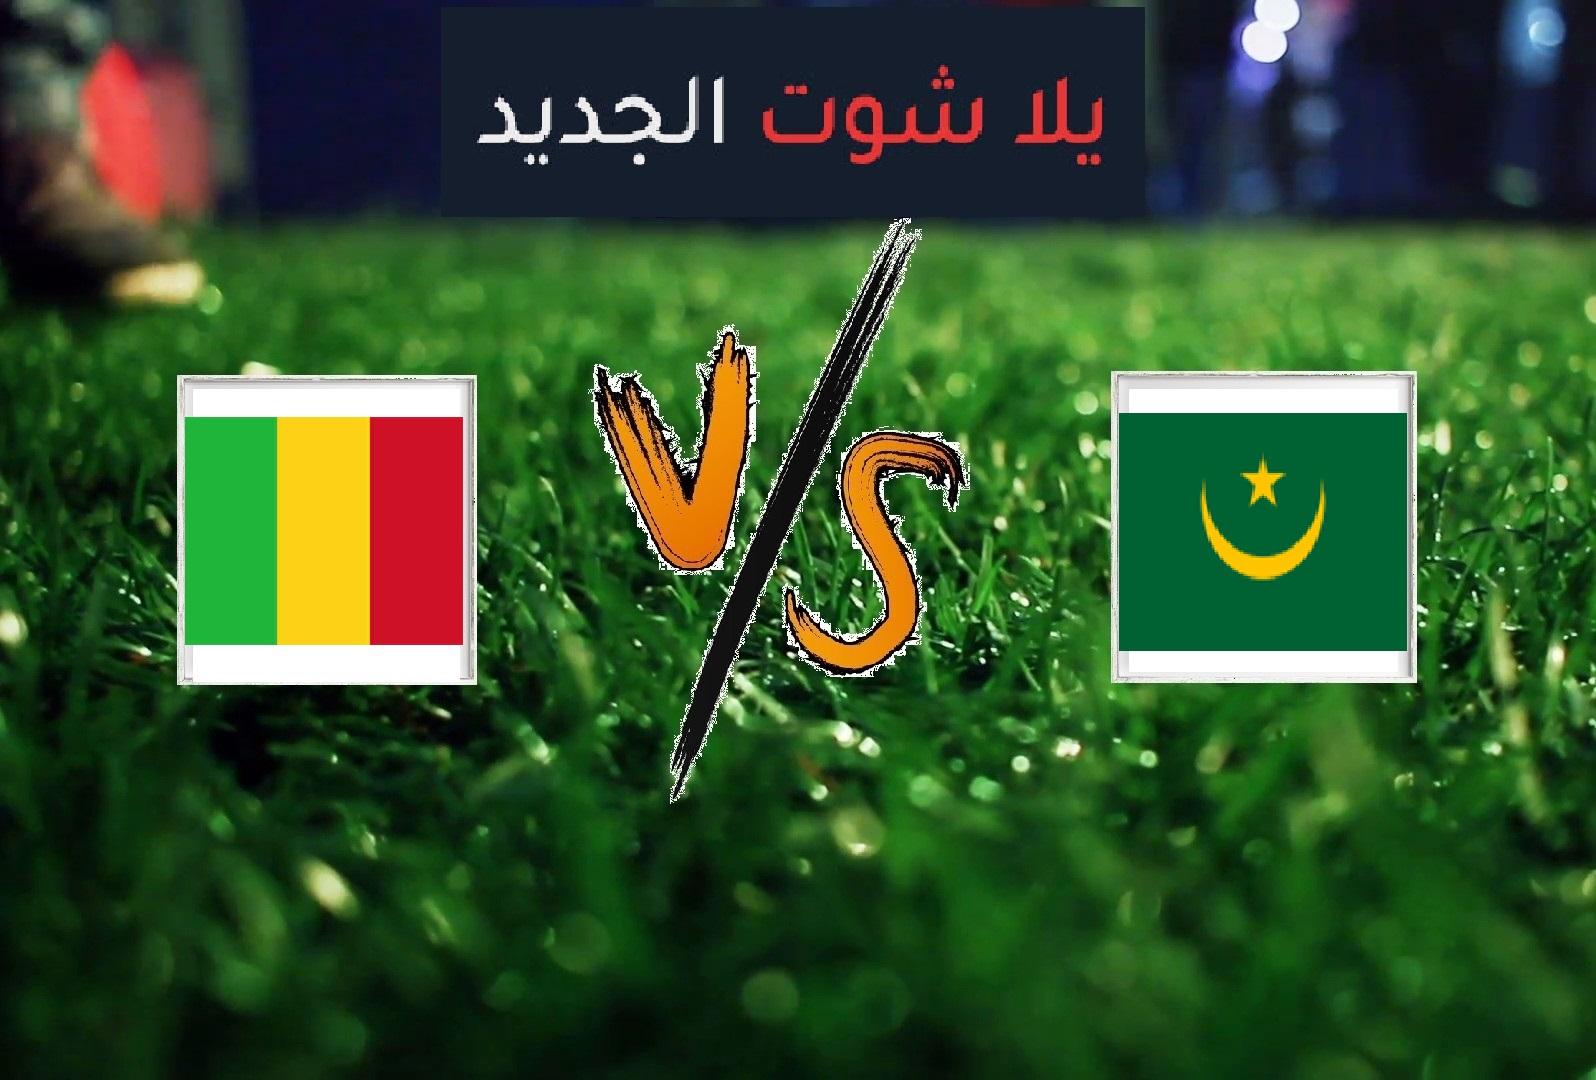 نتيجة مباراة مالي وموريتانيا اليوم الإثنين 24-06-2019 كأس الأمم الأفريقية